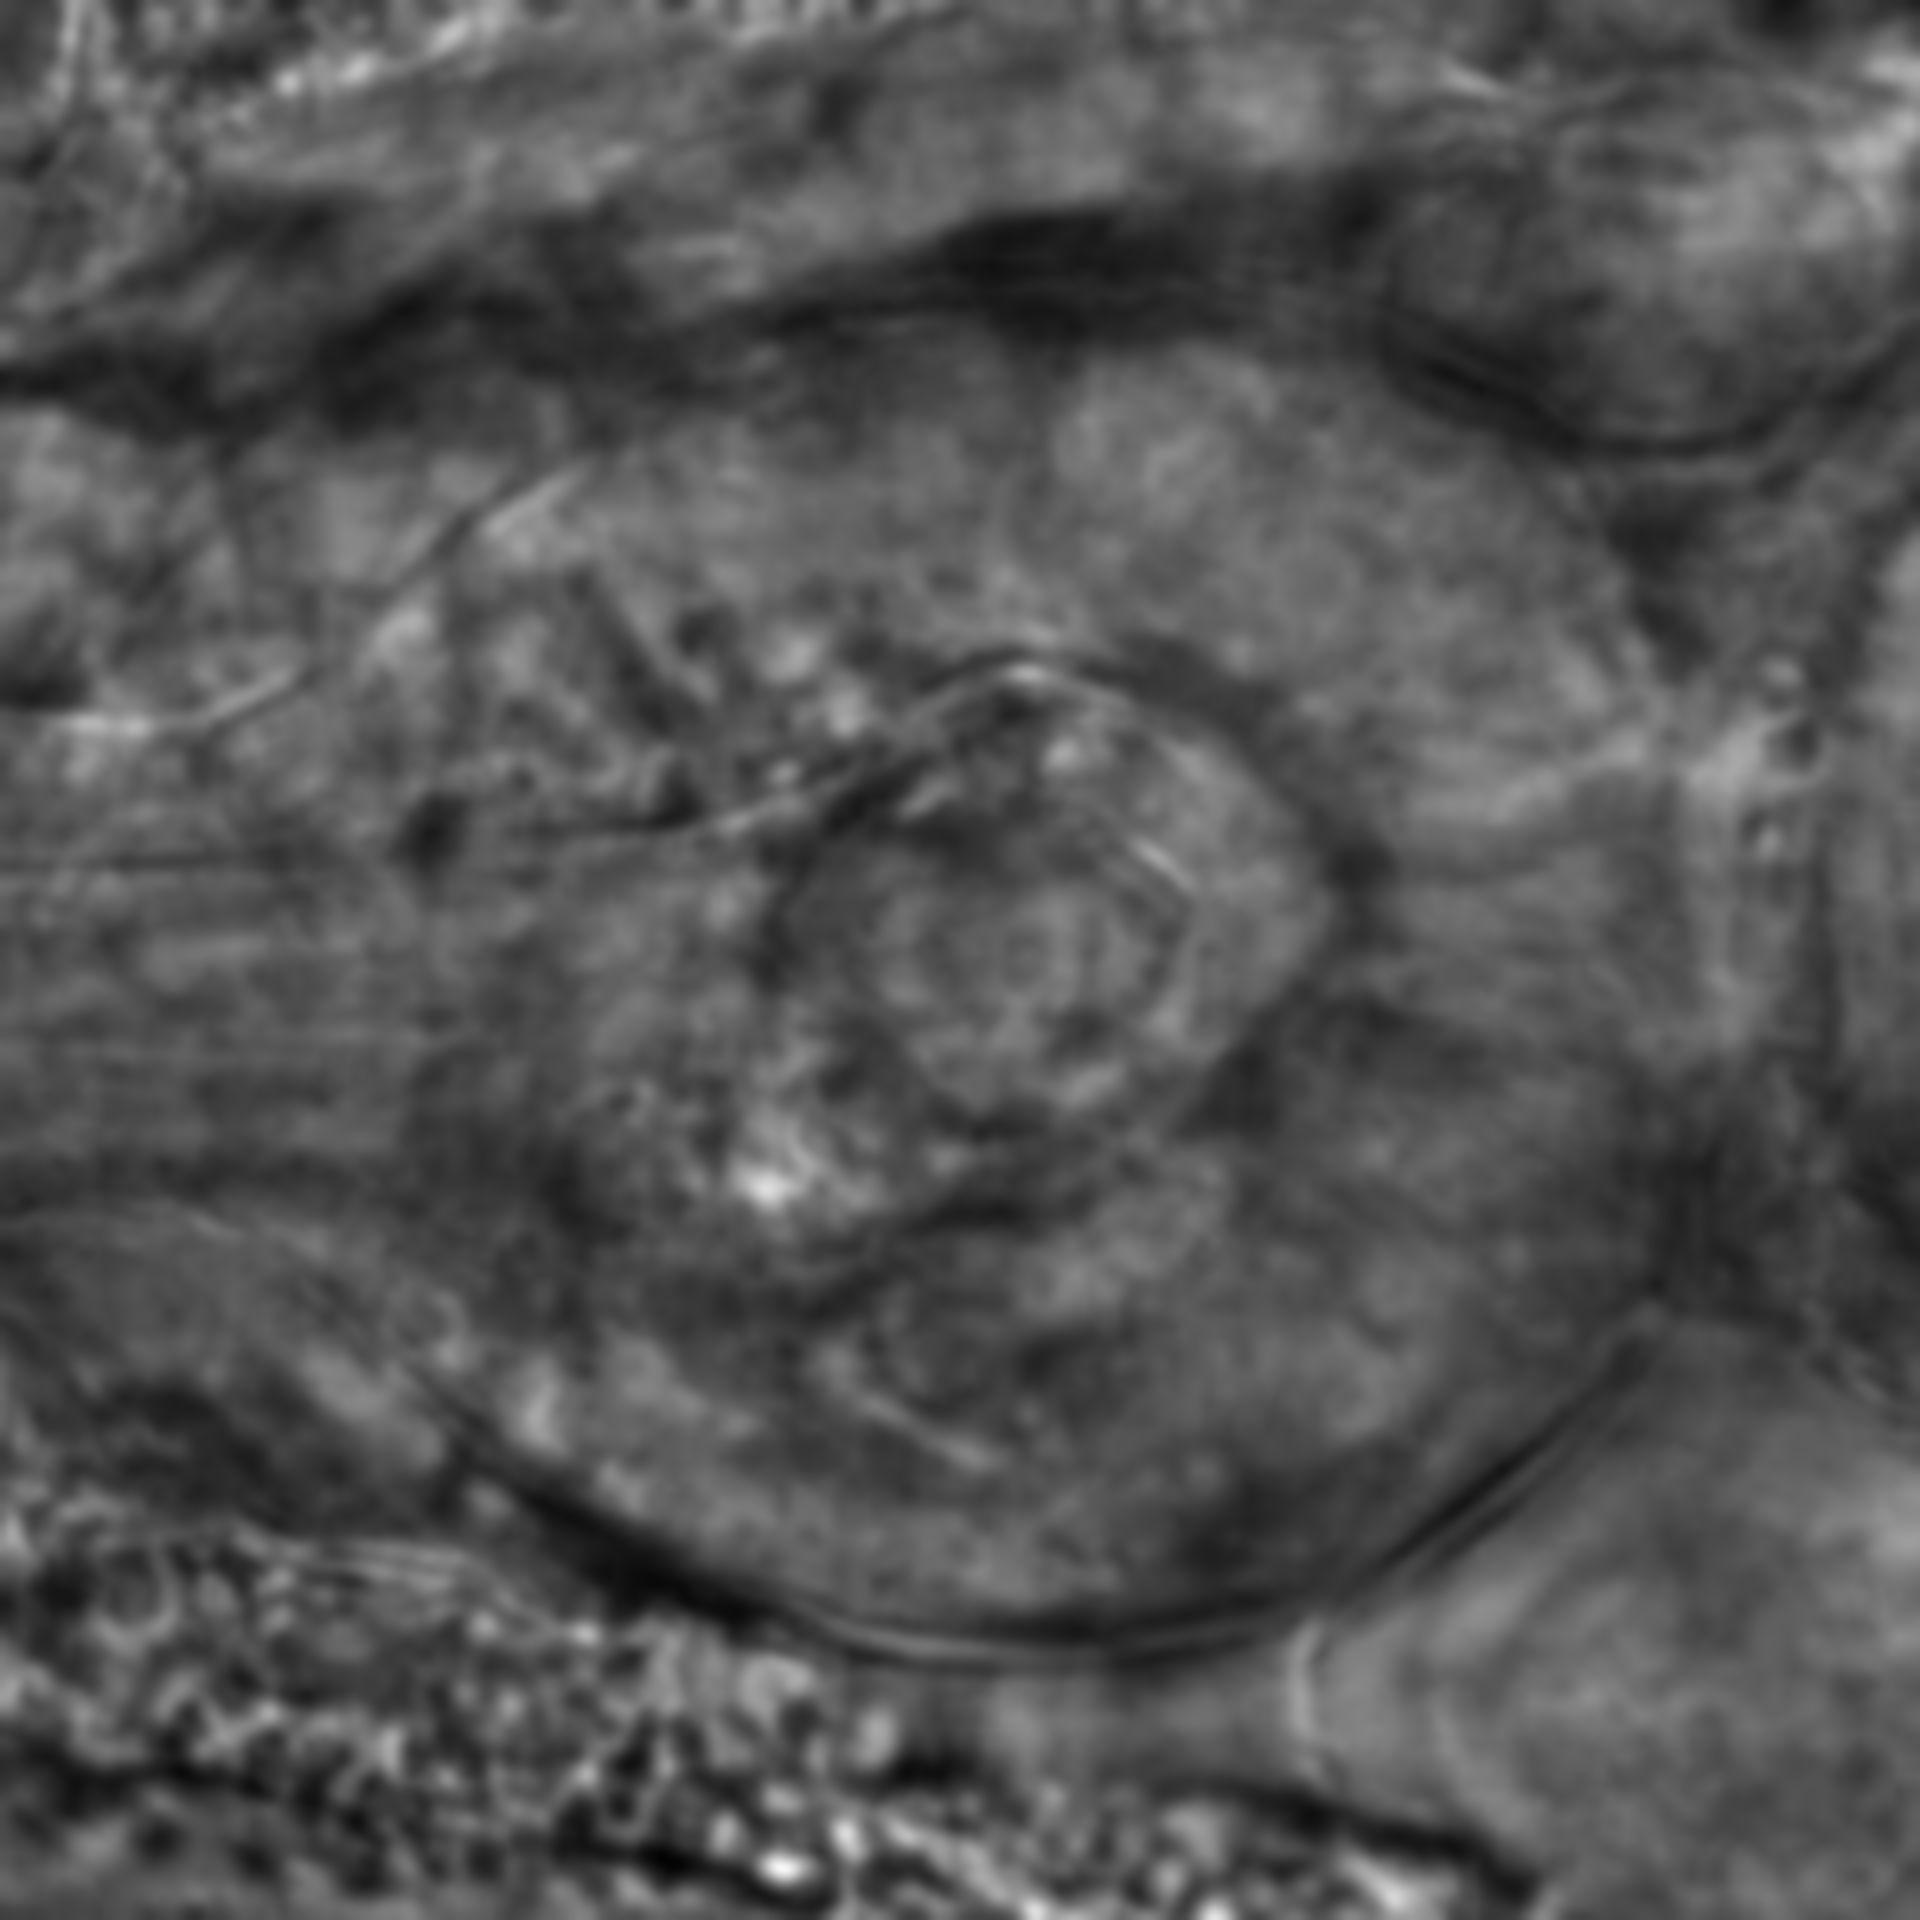 Caenorhabditis elegans - CIL:2199